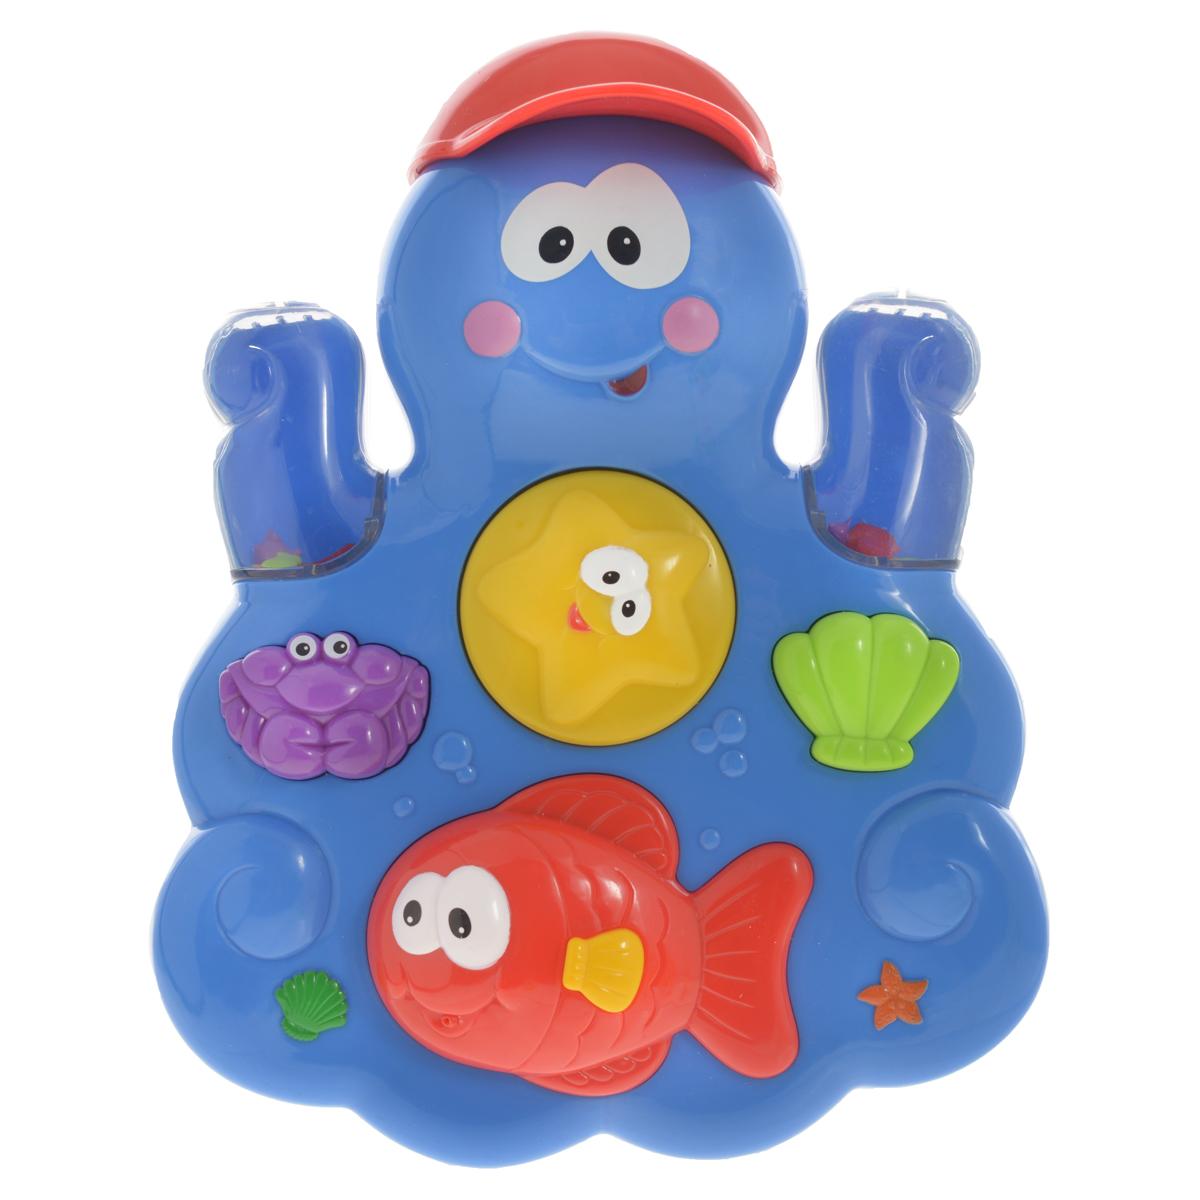 Развивающая игрушка для ванны Kiddieland Осьминог с друзьямиKID 035550Развивающая игрушка Kiddieland Осьминог с друзьями, изготовленная из высококачественного прочного пластика в виде забавного осьминога, предназначена для игры в ванной. Наливайте воду в осьминога при помощи маленькой чашки в виде кепки и наблюдайте, как она стекает по водному колесу (морской звезде), раскручивая его. Нажмите на краба или морскую ракушку, чтобы накачать воздух в воду и увидеть как всплывают цветные бусинки, или нажмите на рыбий плавник, чтобы брызнуть водой. Превратите купание ребенка в сплошное веселье! Игрушка способствует развитию координации движений, мелкой моторики рук, концентрации внимания, цветового восприятия.